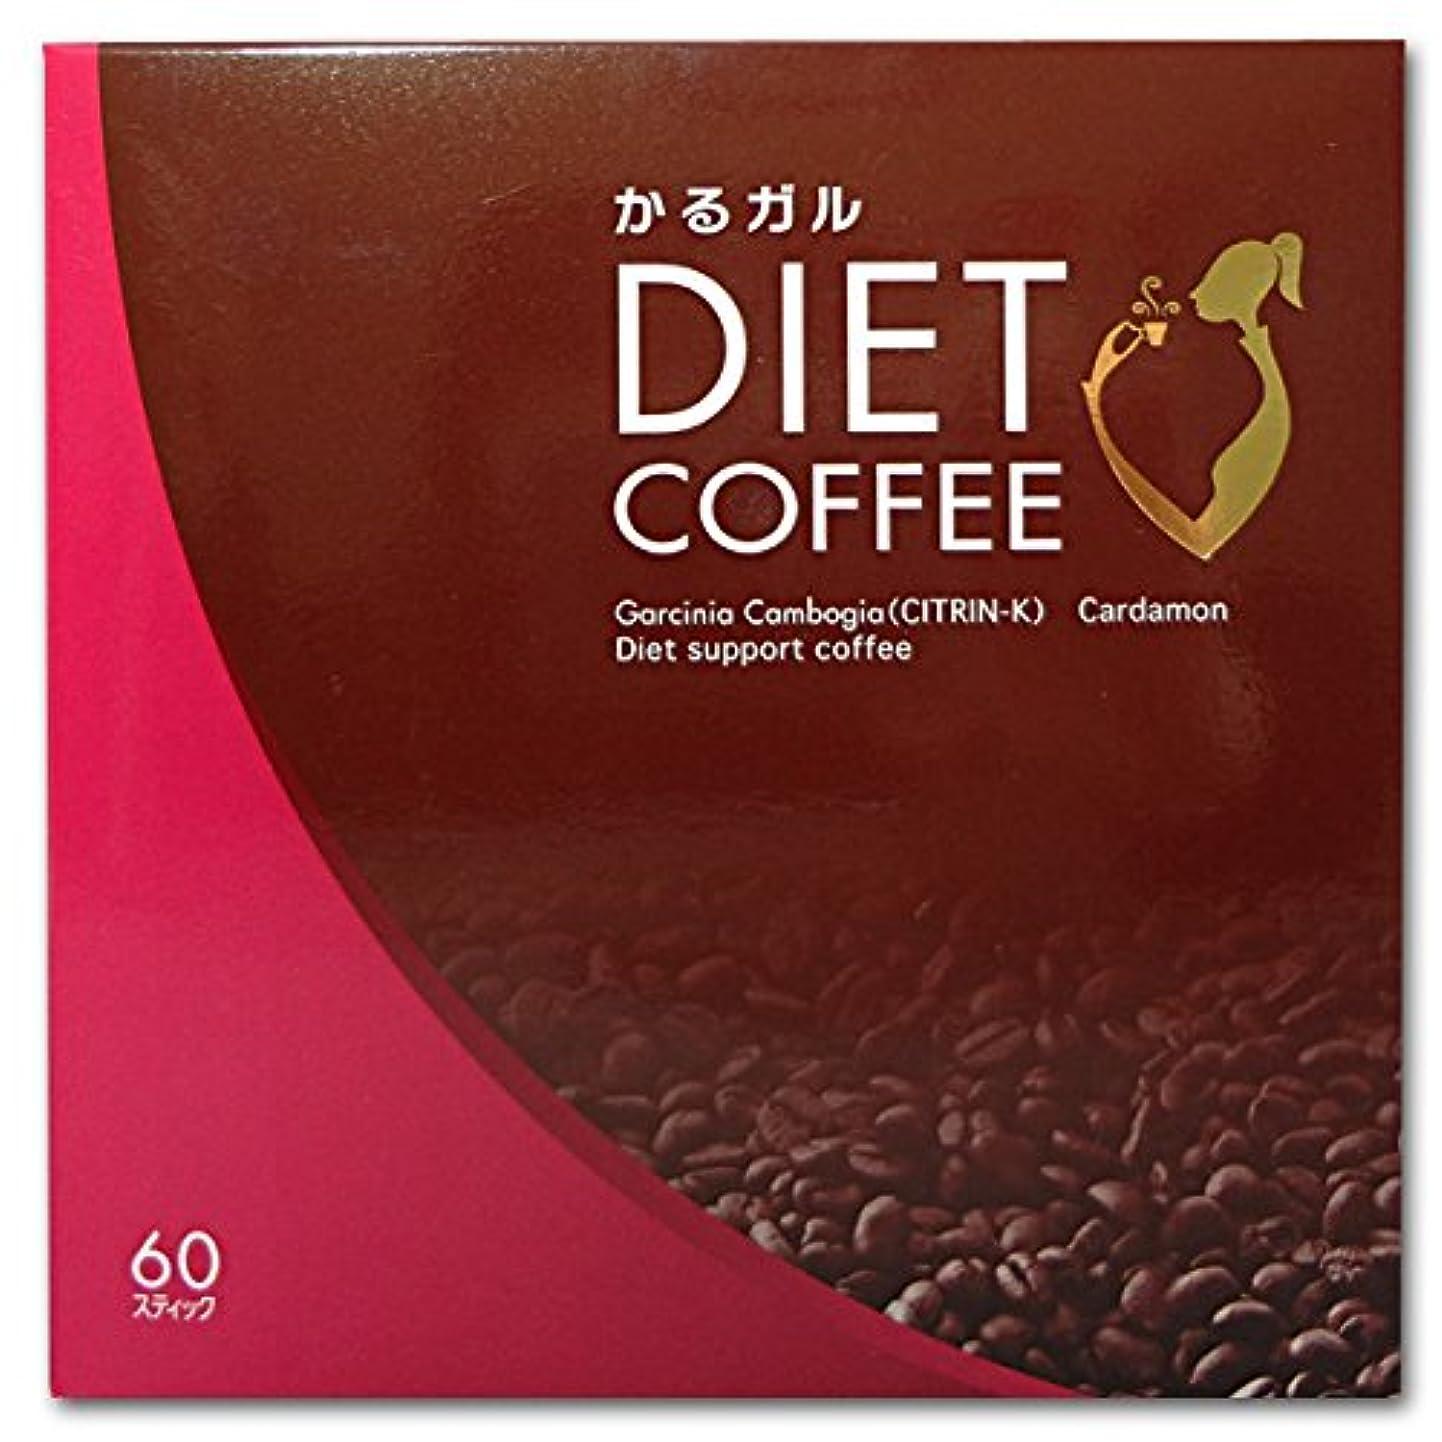 買い手ポータブル思い出すエル?エスコーポレーション カルがるDIET COFFEE(ダイエットコーヒー) 60袋